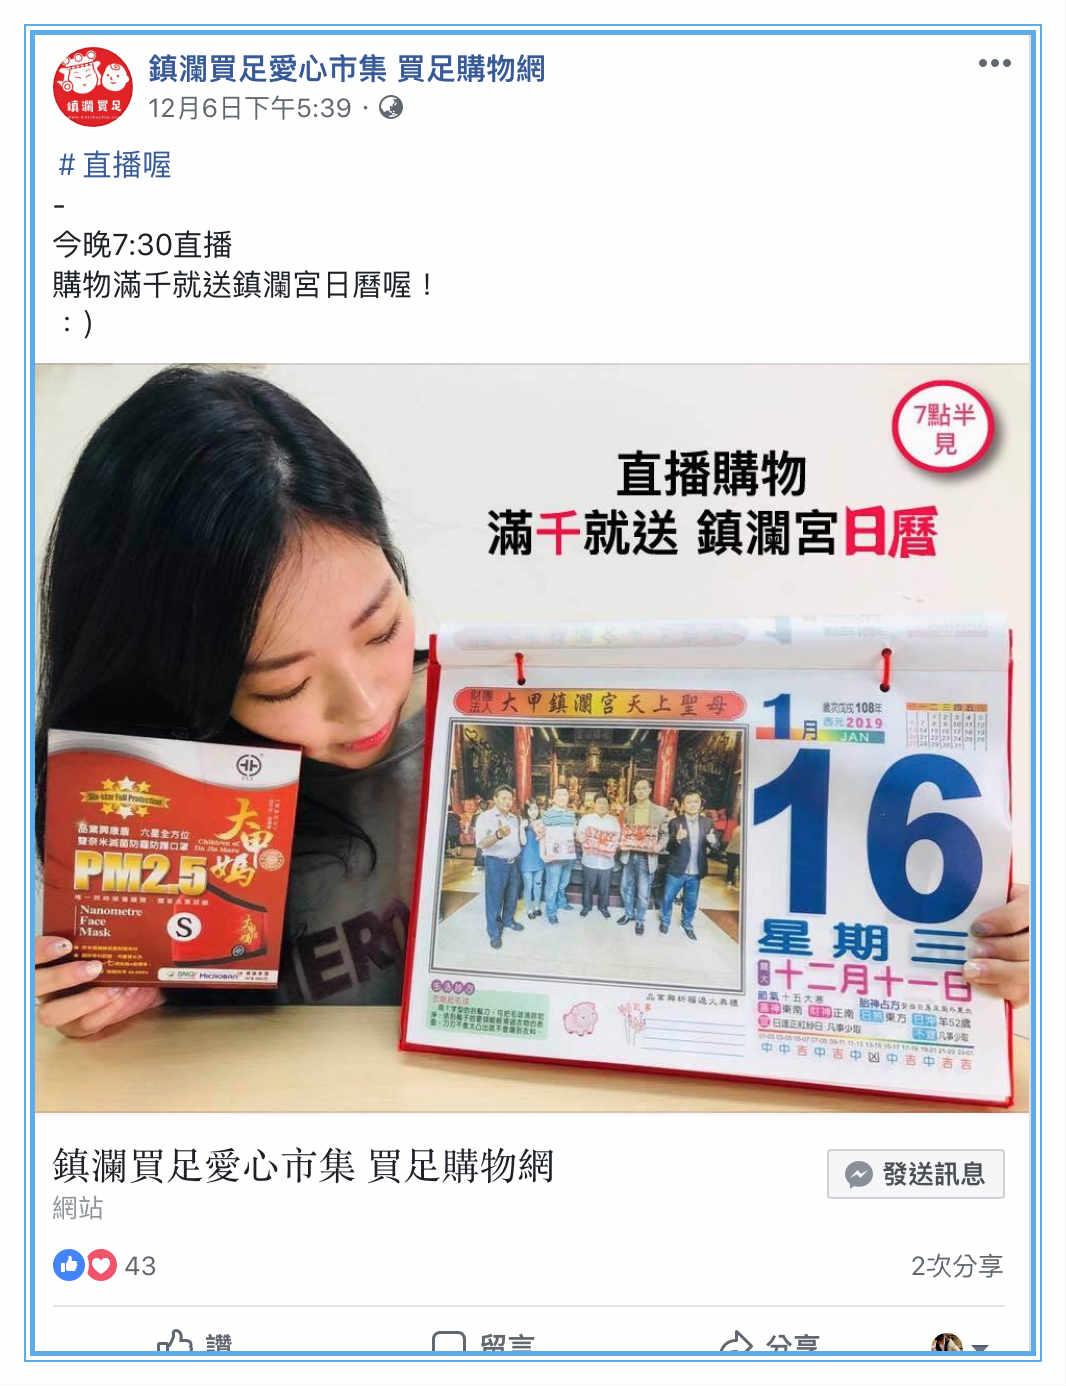 電商tony陳買足fb直播預告